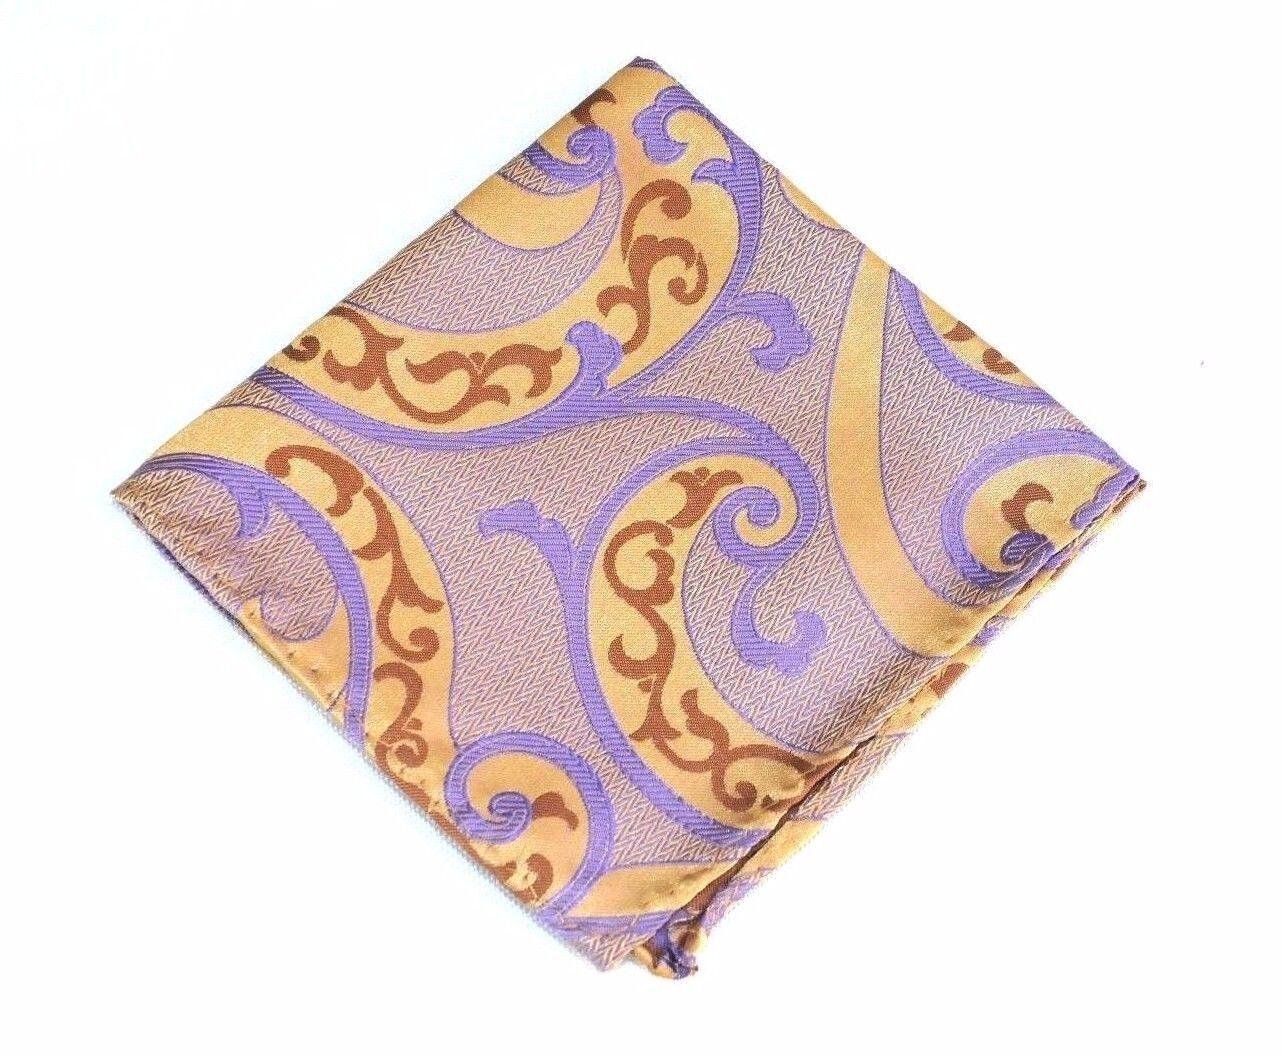 Lord R Colton Masterworks Pocket Square Villarrica Copper Silk - Retail New